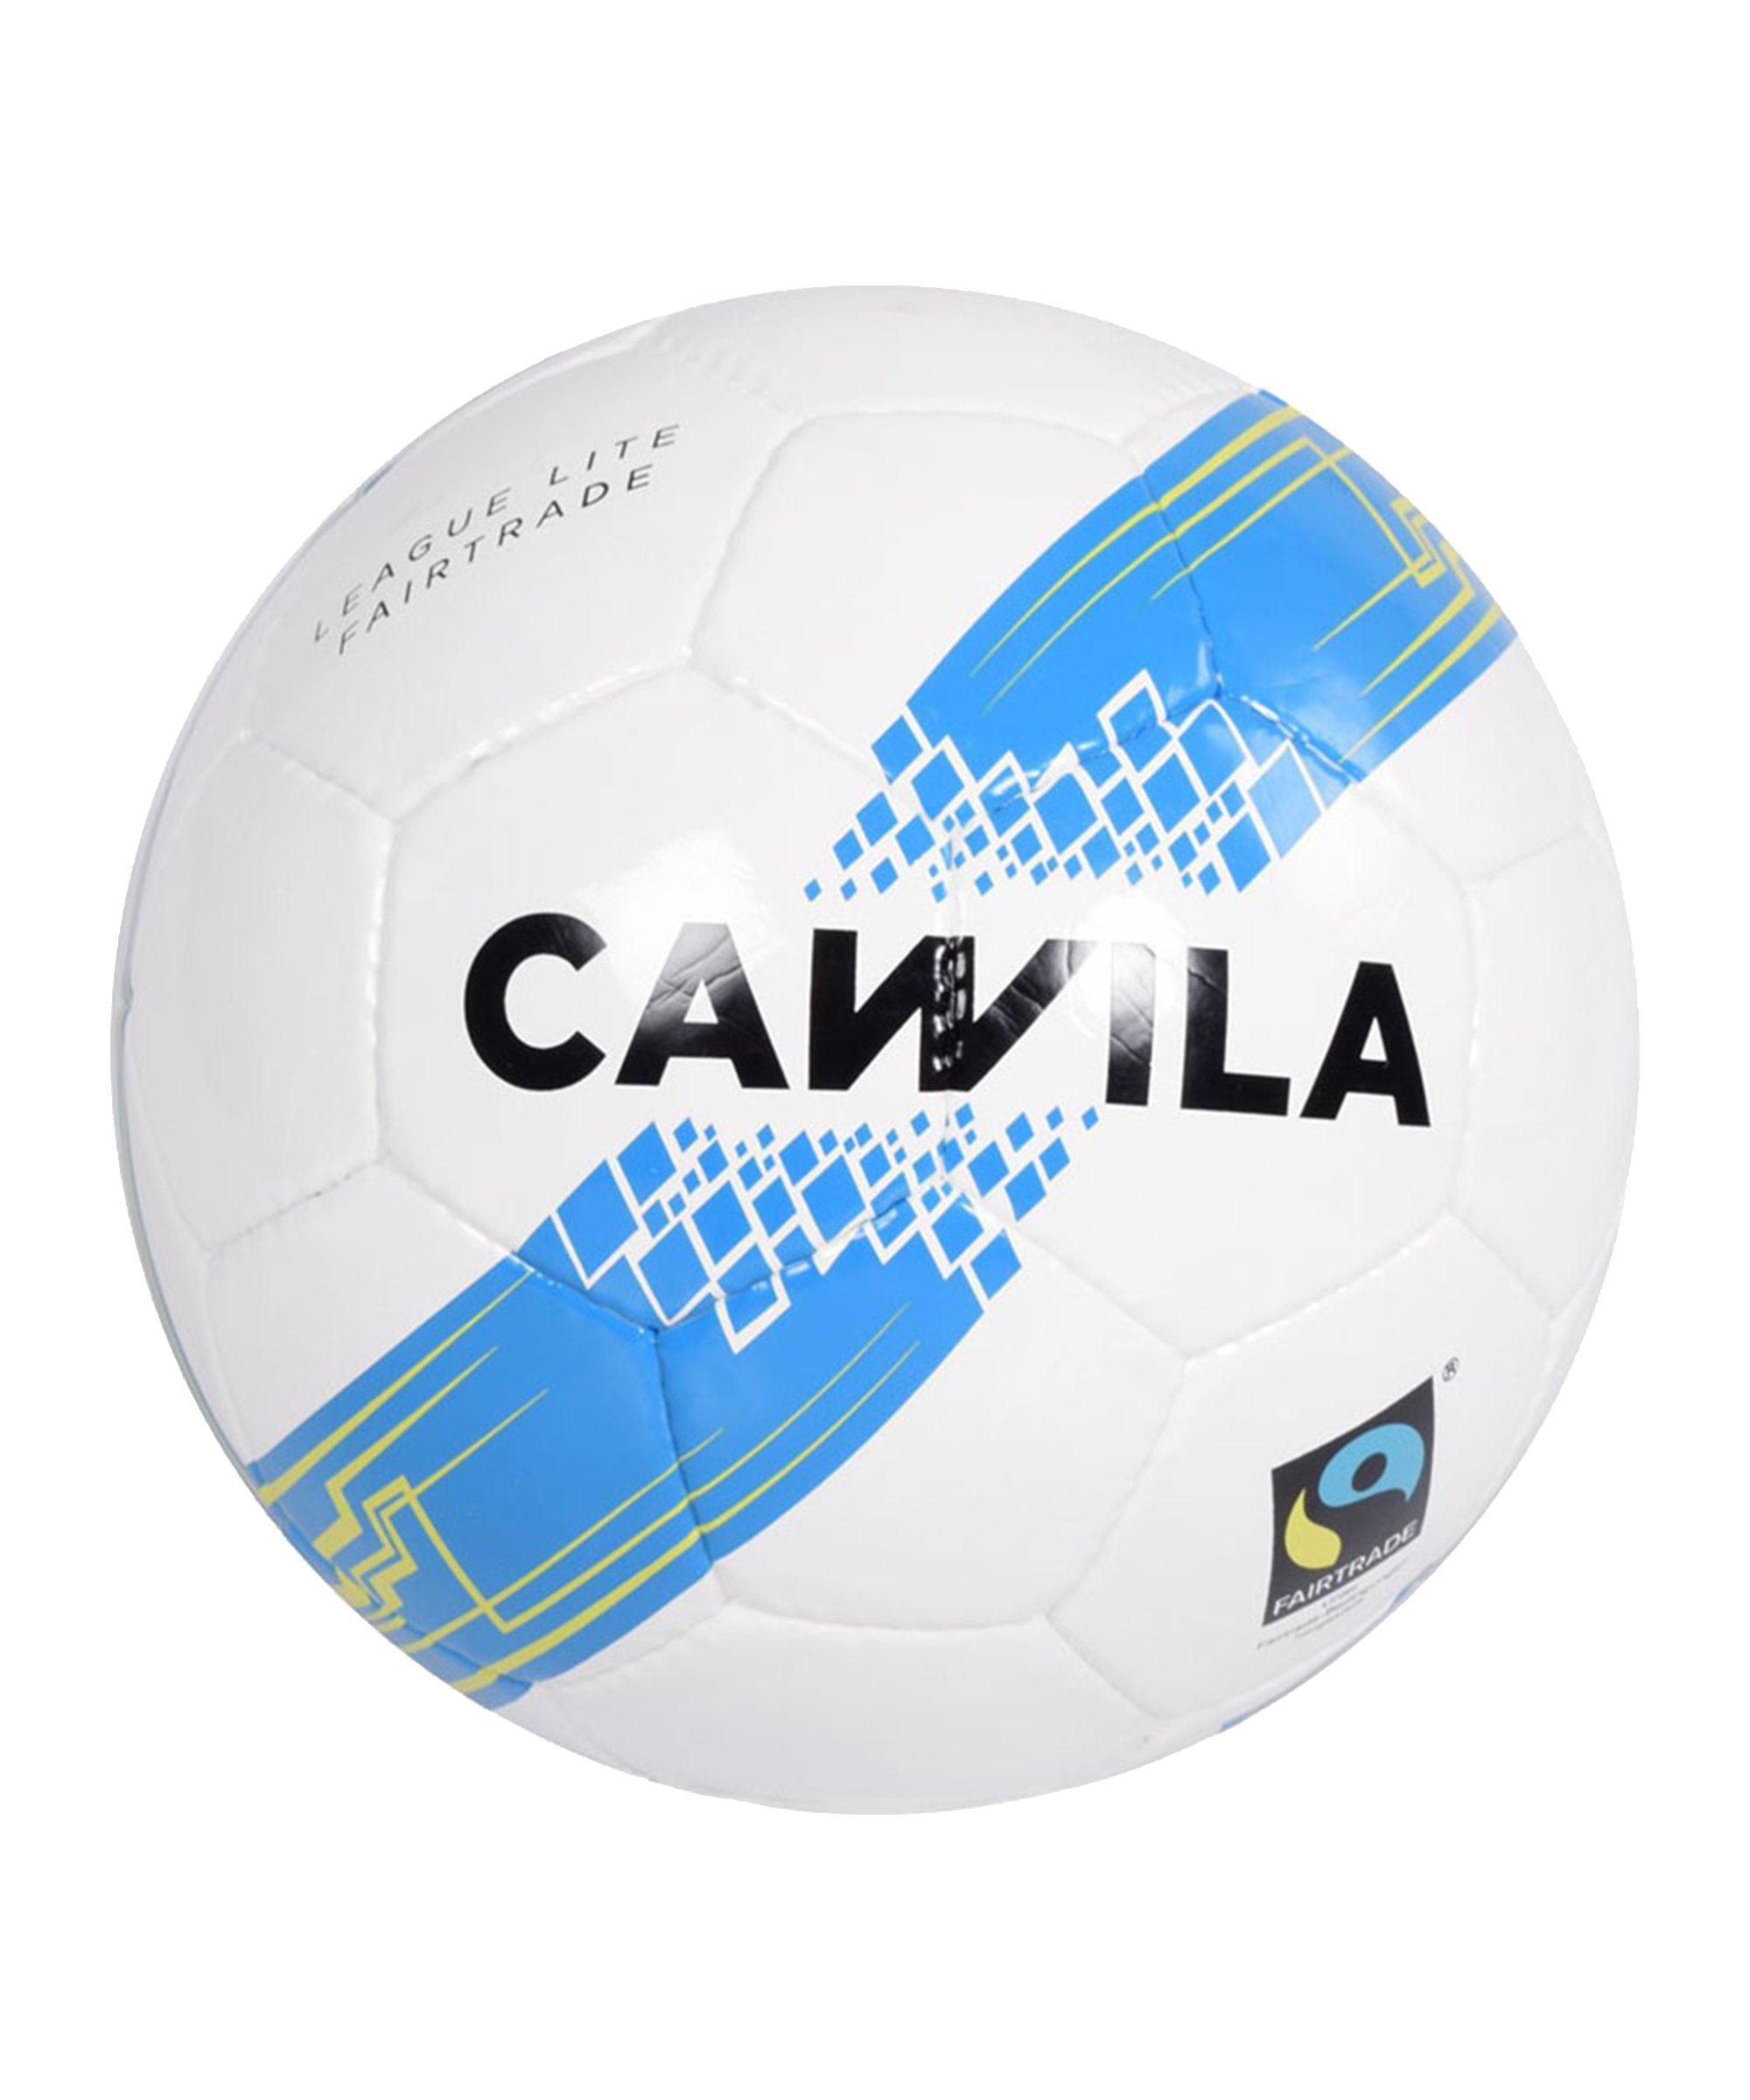 Cawila Fussball ARENA LITE 350 Fairtrade 5 Weiss - weiss